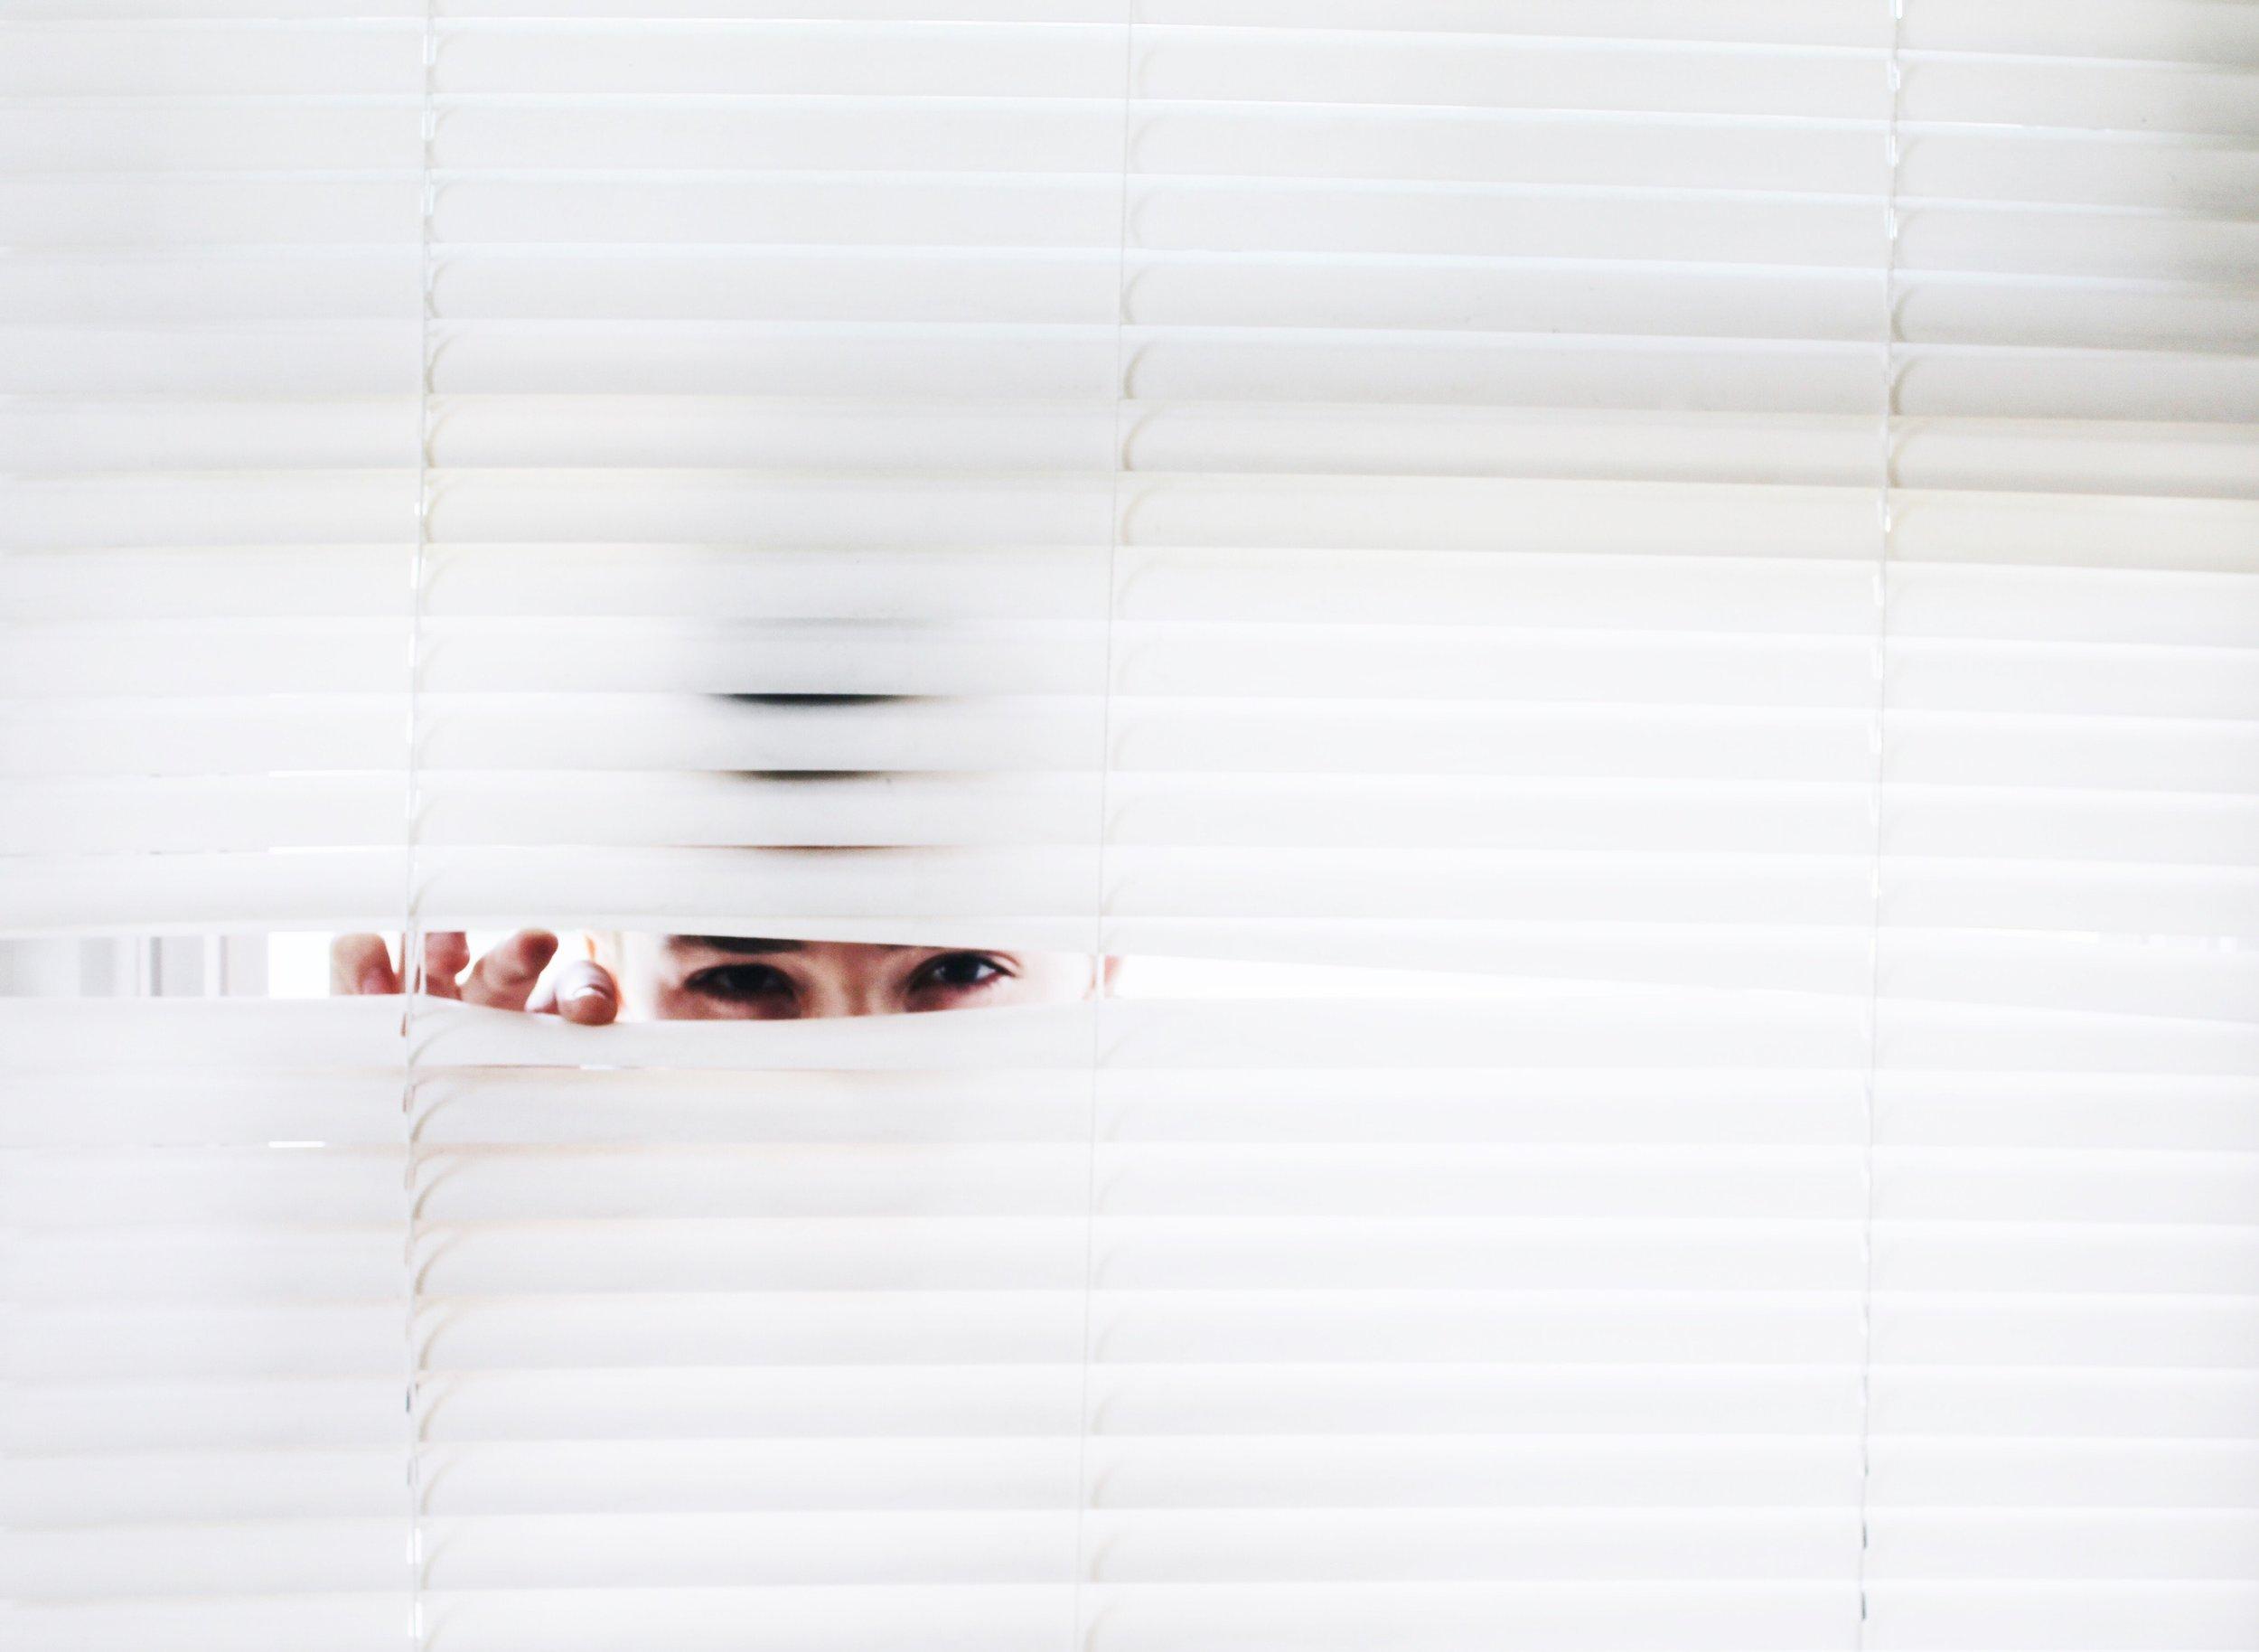 blinds-curiosity-eyes-906018.jpg